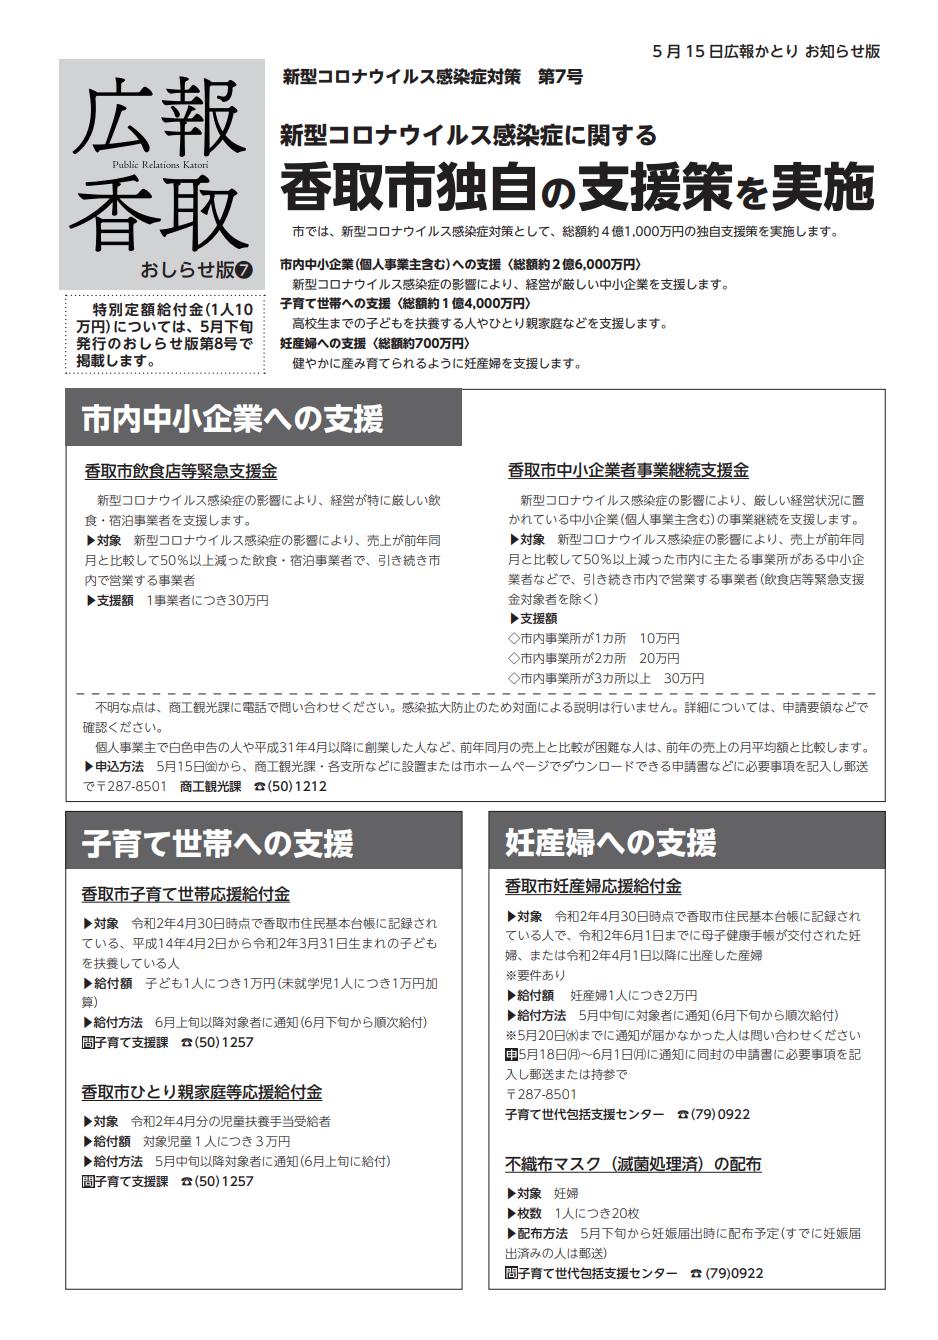 広報香取新型コロナウイルス感染症対策第7号